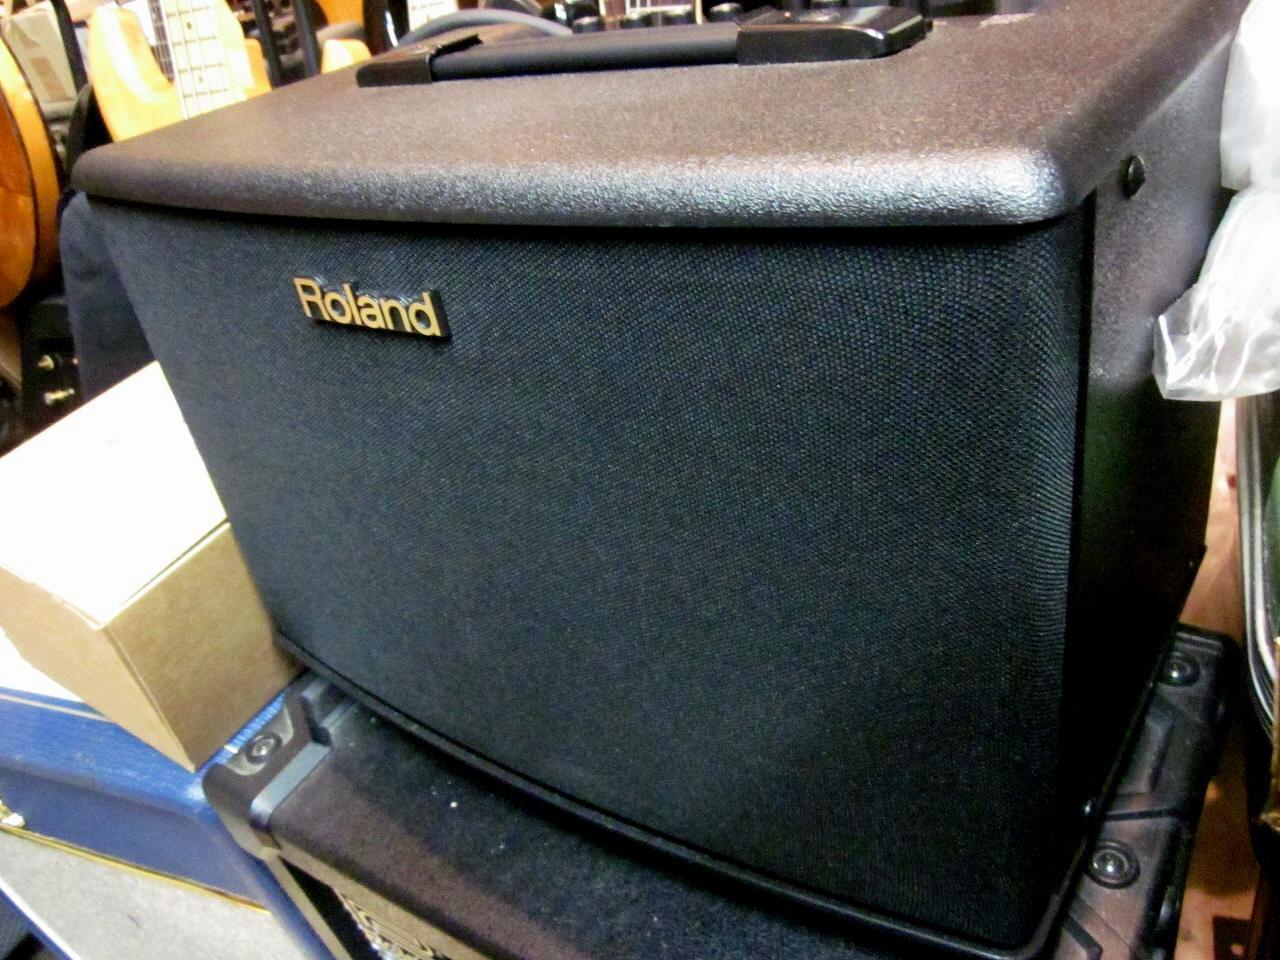 Roland ローランド アコースティック ギター アンプ AC-40 【 アコギアンプ 】 AC40